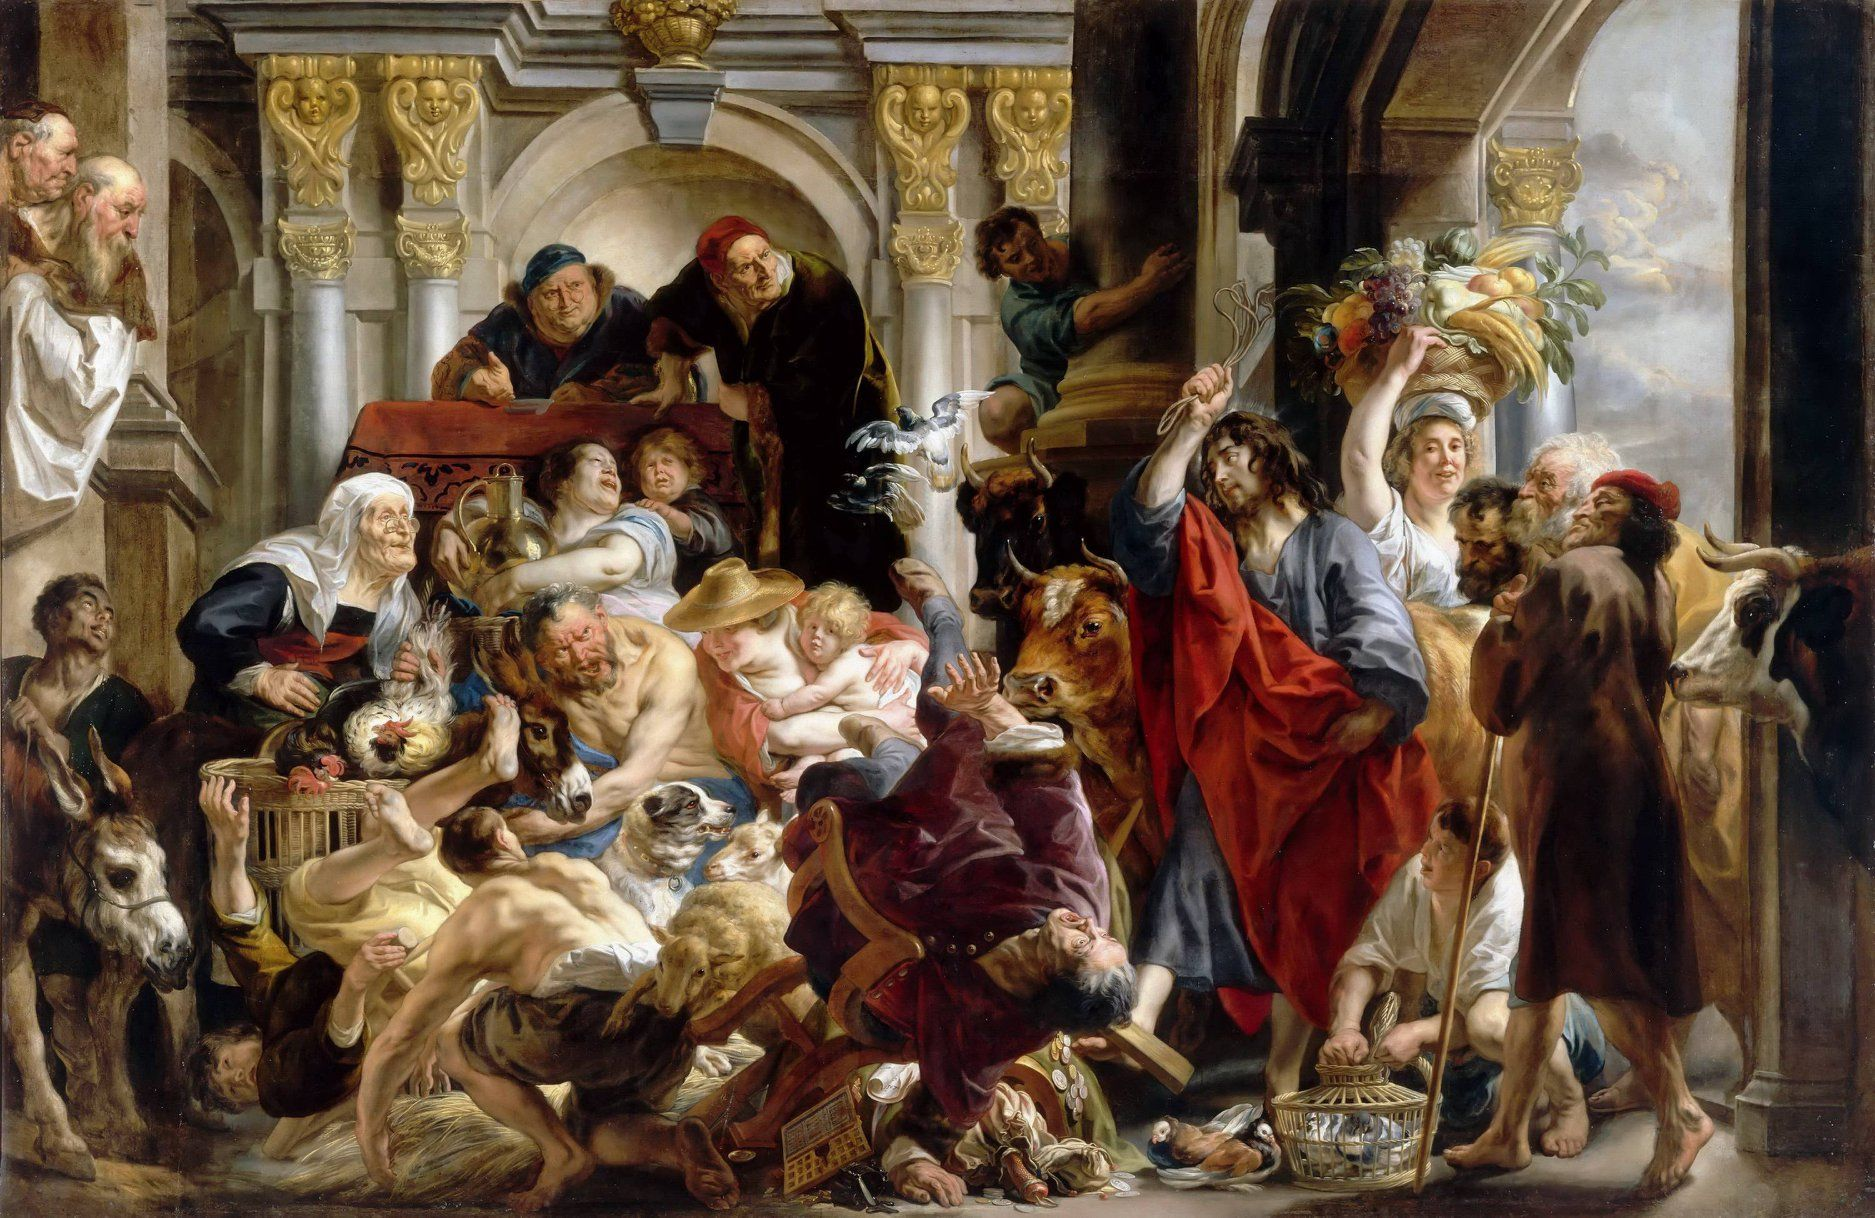 В Пушкинском музее покажут картины фламандского художника Якоба Йорданса